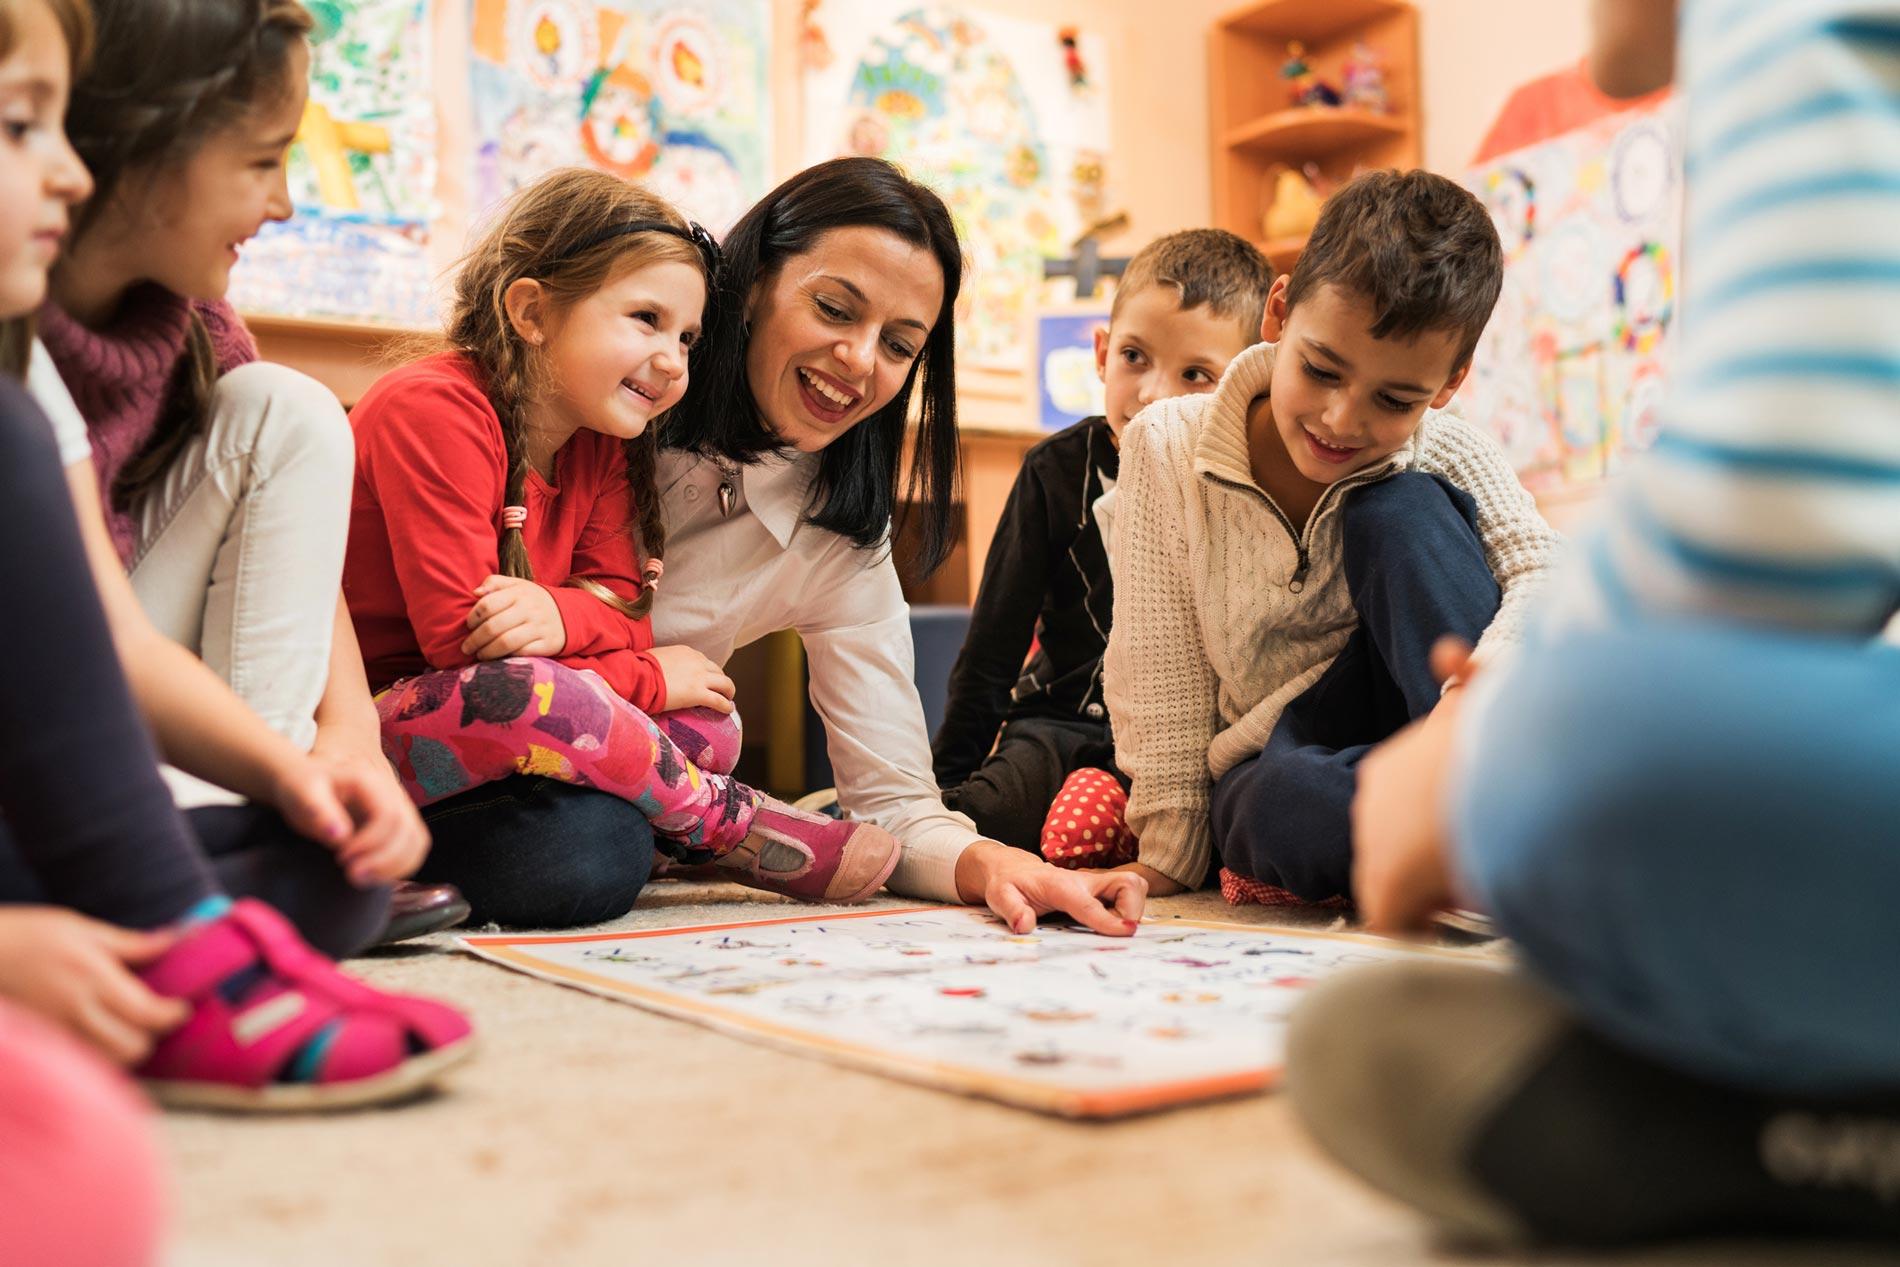 Una programación didáctica adaptada al grupo clase promueve un aprendizaje sólido y duradero.